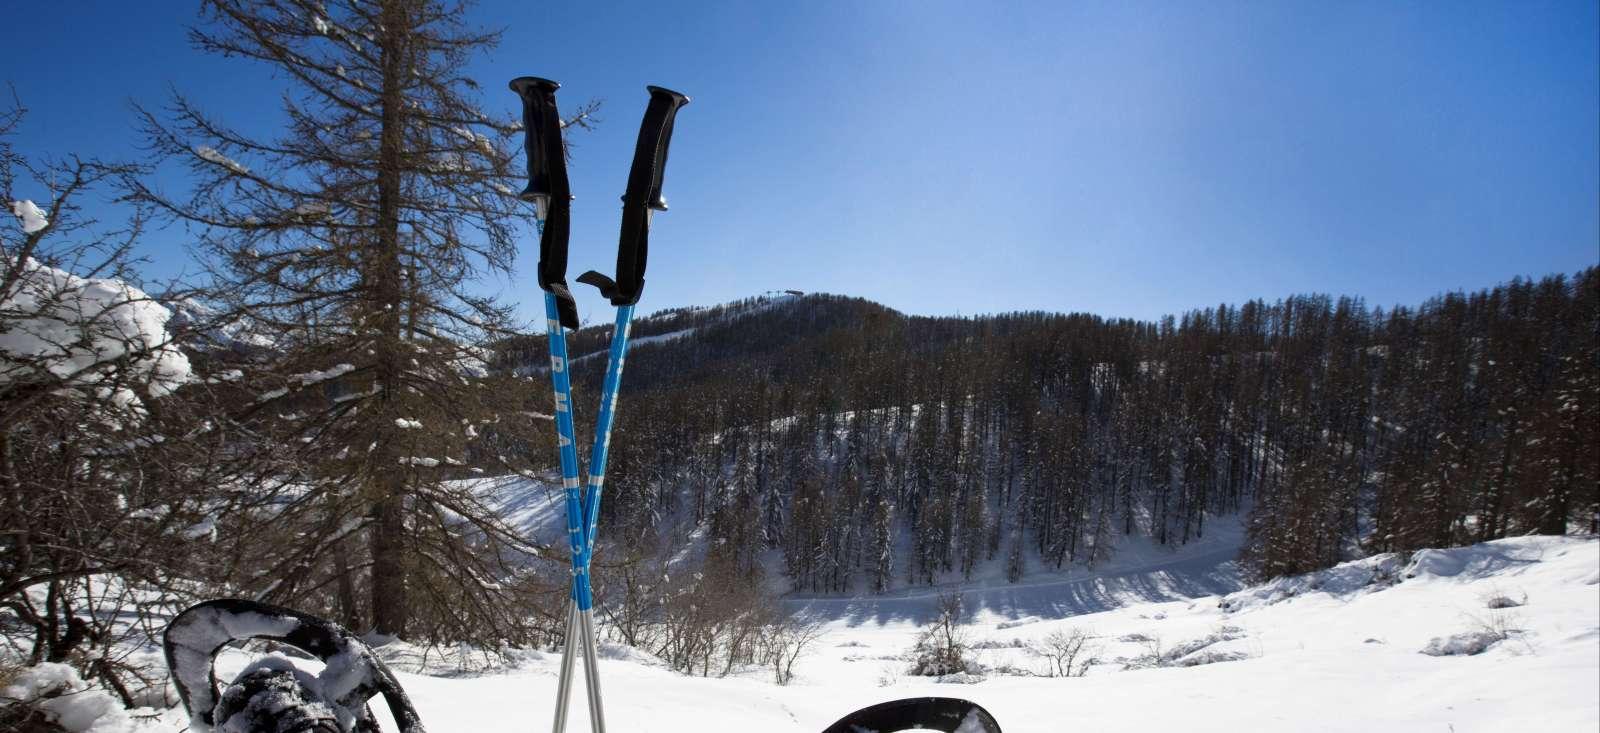 Voyage à la neige : La culture albanaise en raquette